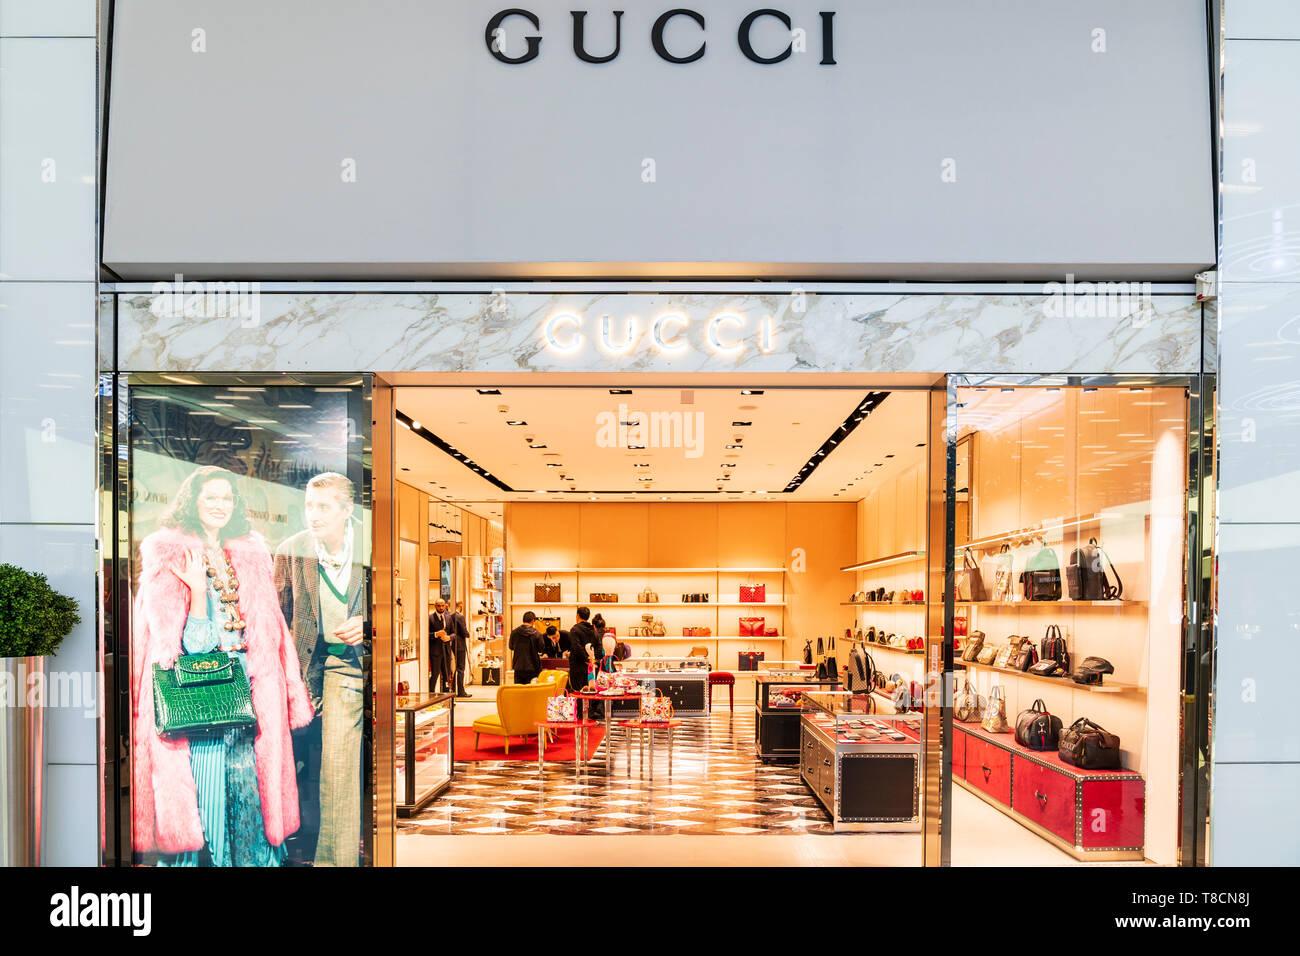 bc7872dba90d3 Gucci Handtasche Stockfotos   Gucci Handtasche Bilder - Alamy